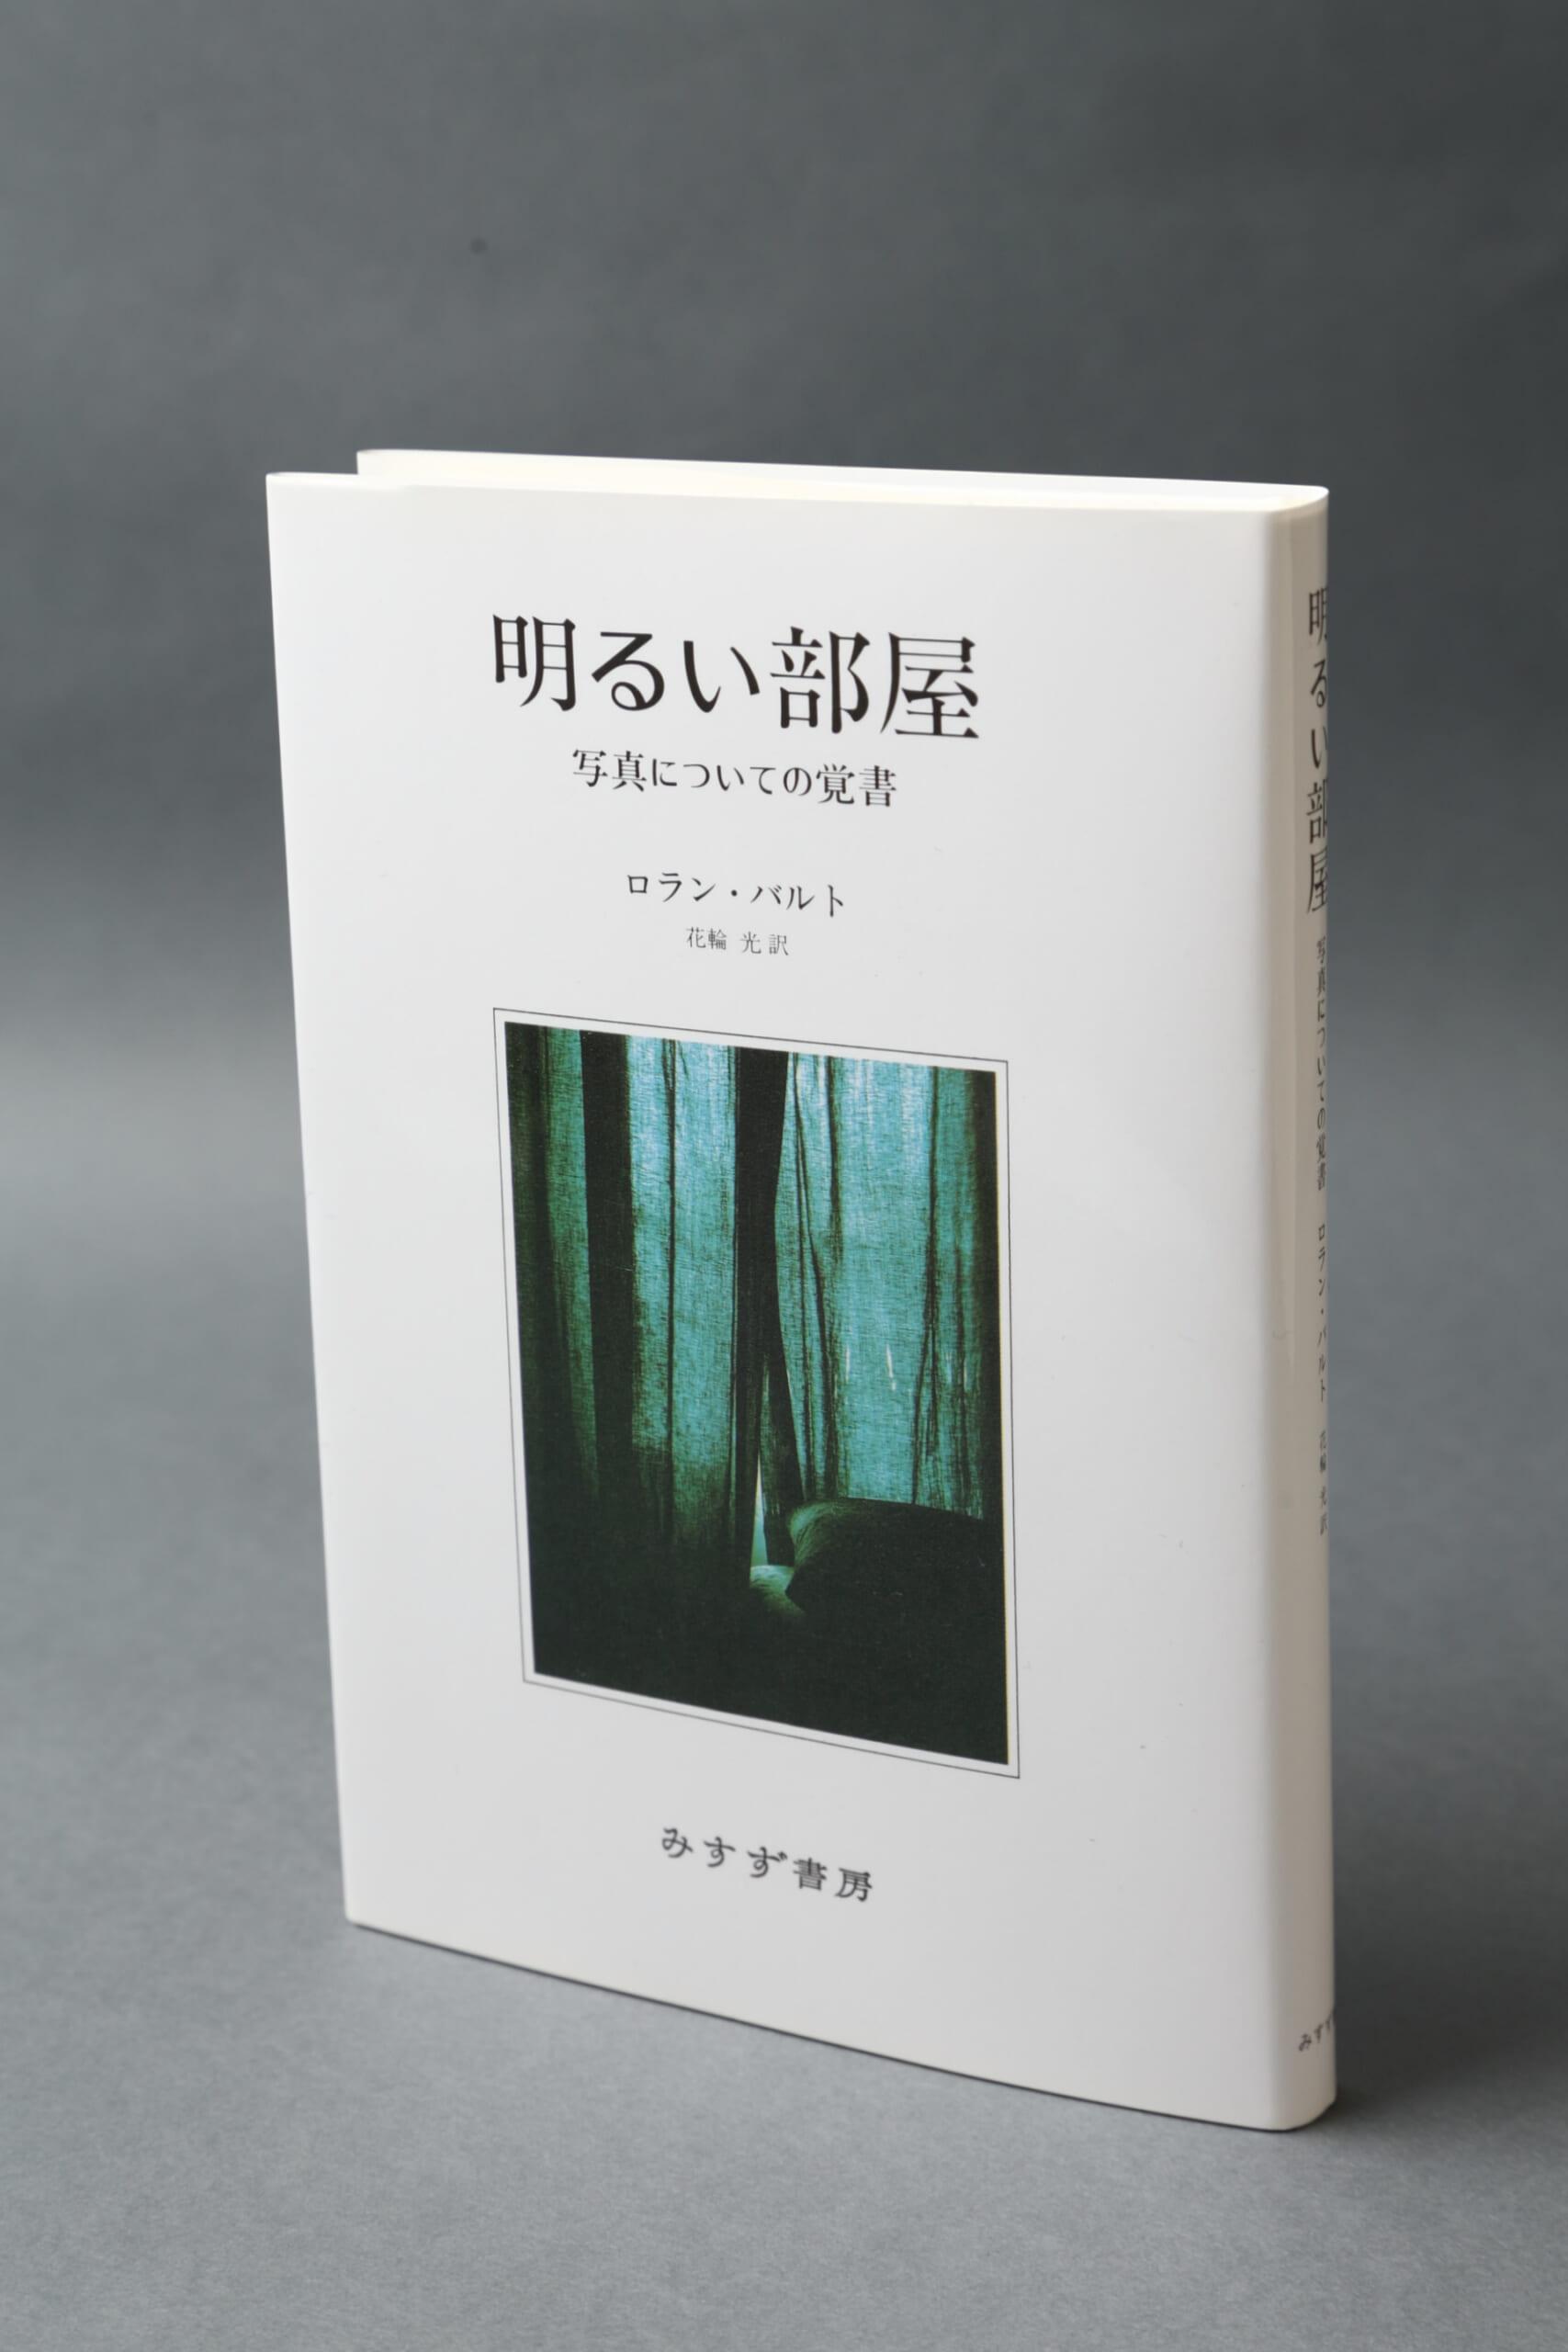 作家・柳美里を「死んだら、人間はどうなるのか」と思わせる本